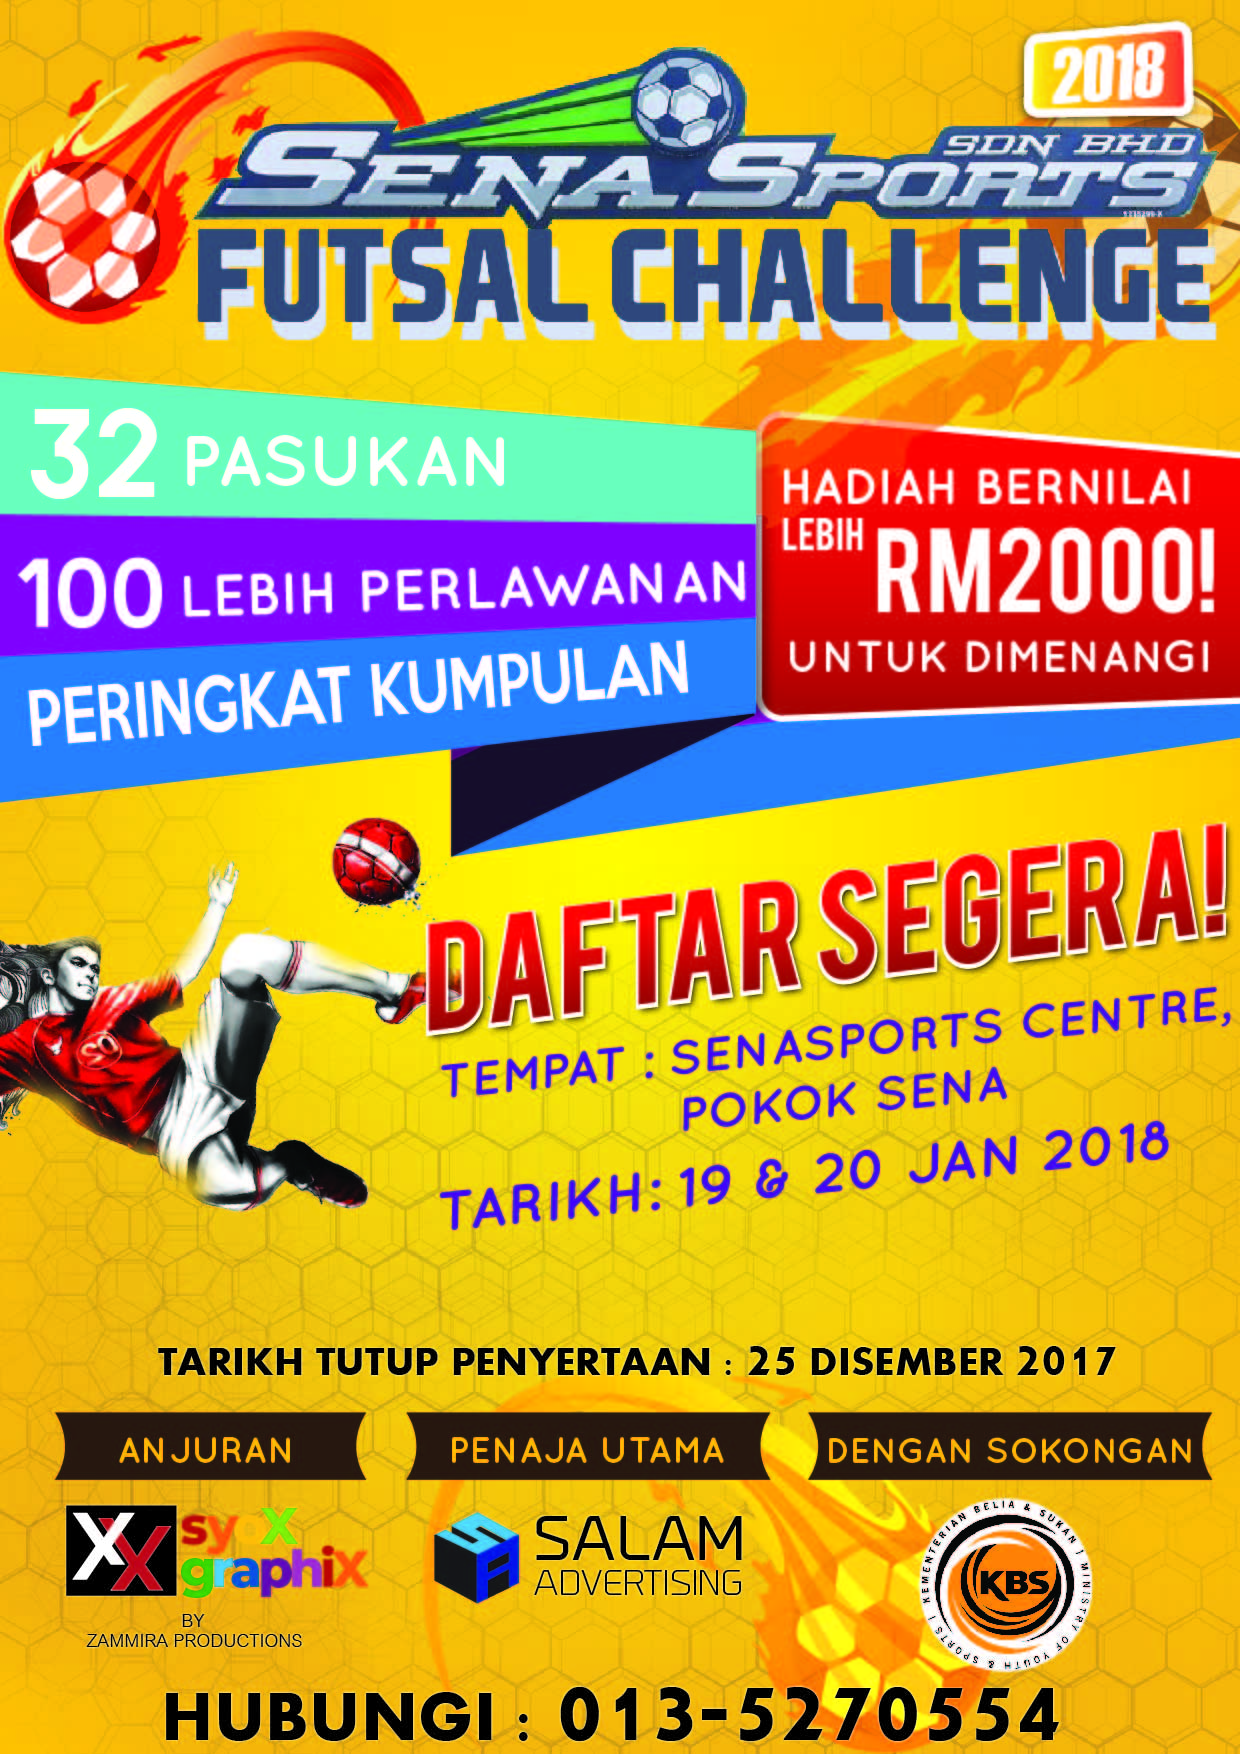 Sena Sports Futsal Challenge @ Senasports Centre, Pokok Sena